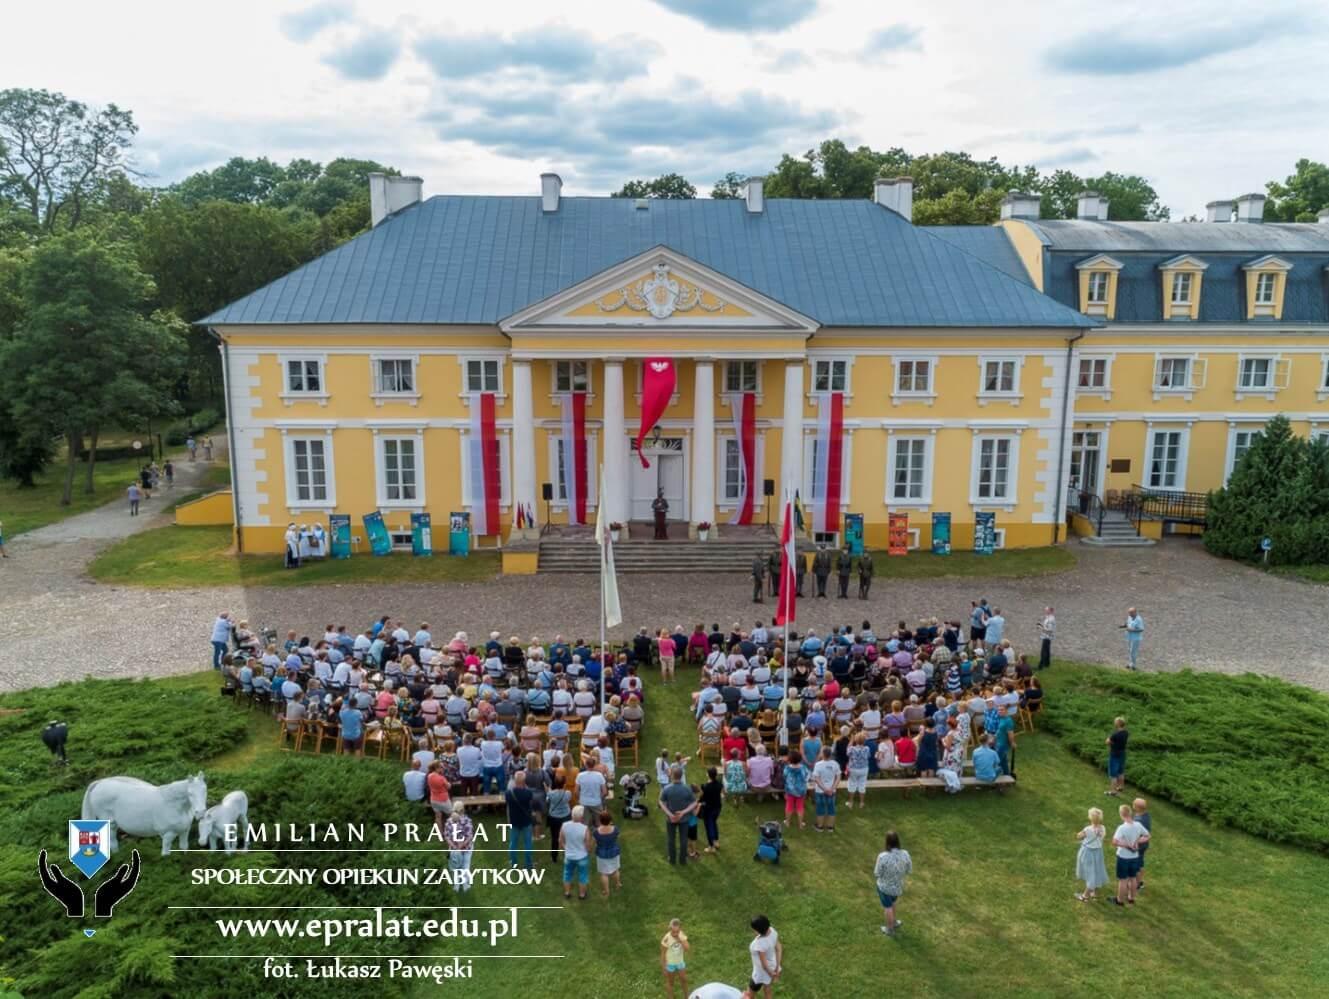 Racot - epralat.edu.pl